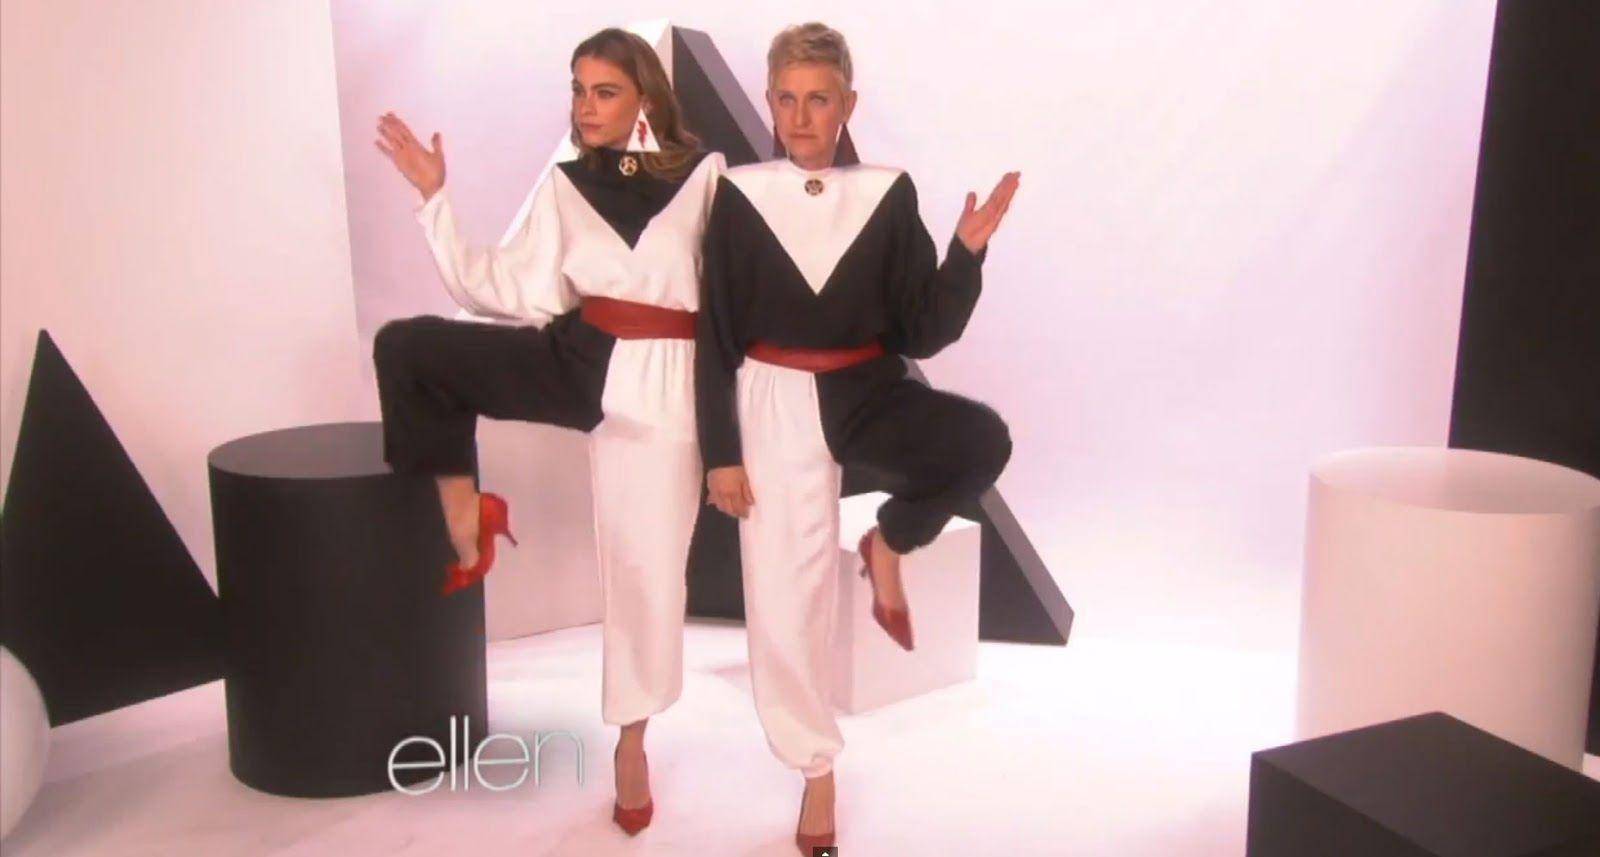 21 Pictures for Sofia Vergara And Ellen Degeneres  Celebrities Photos